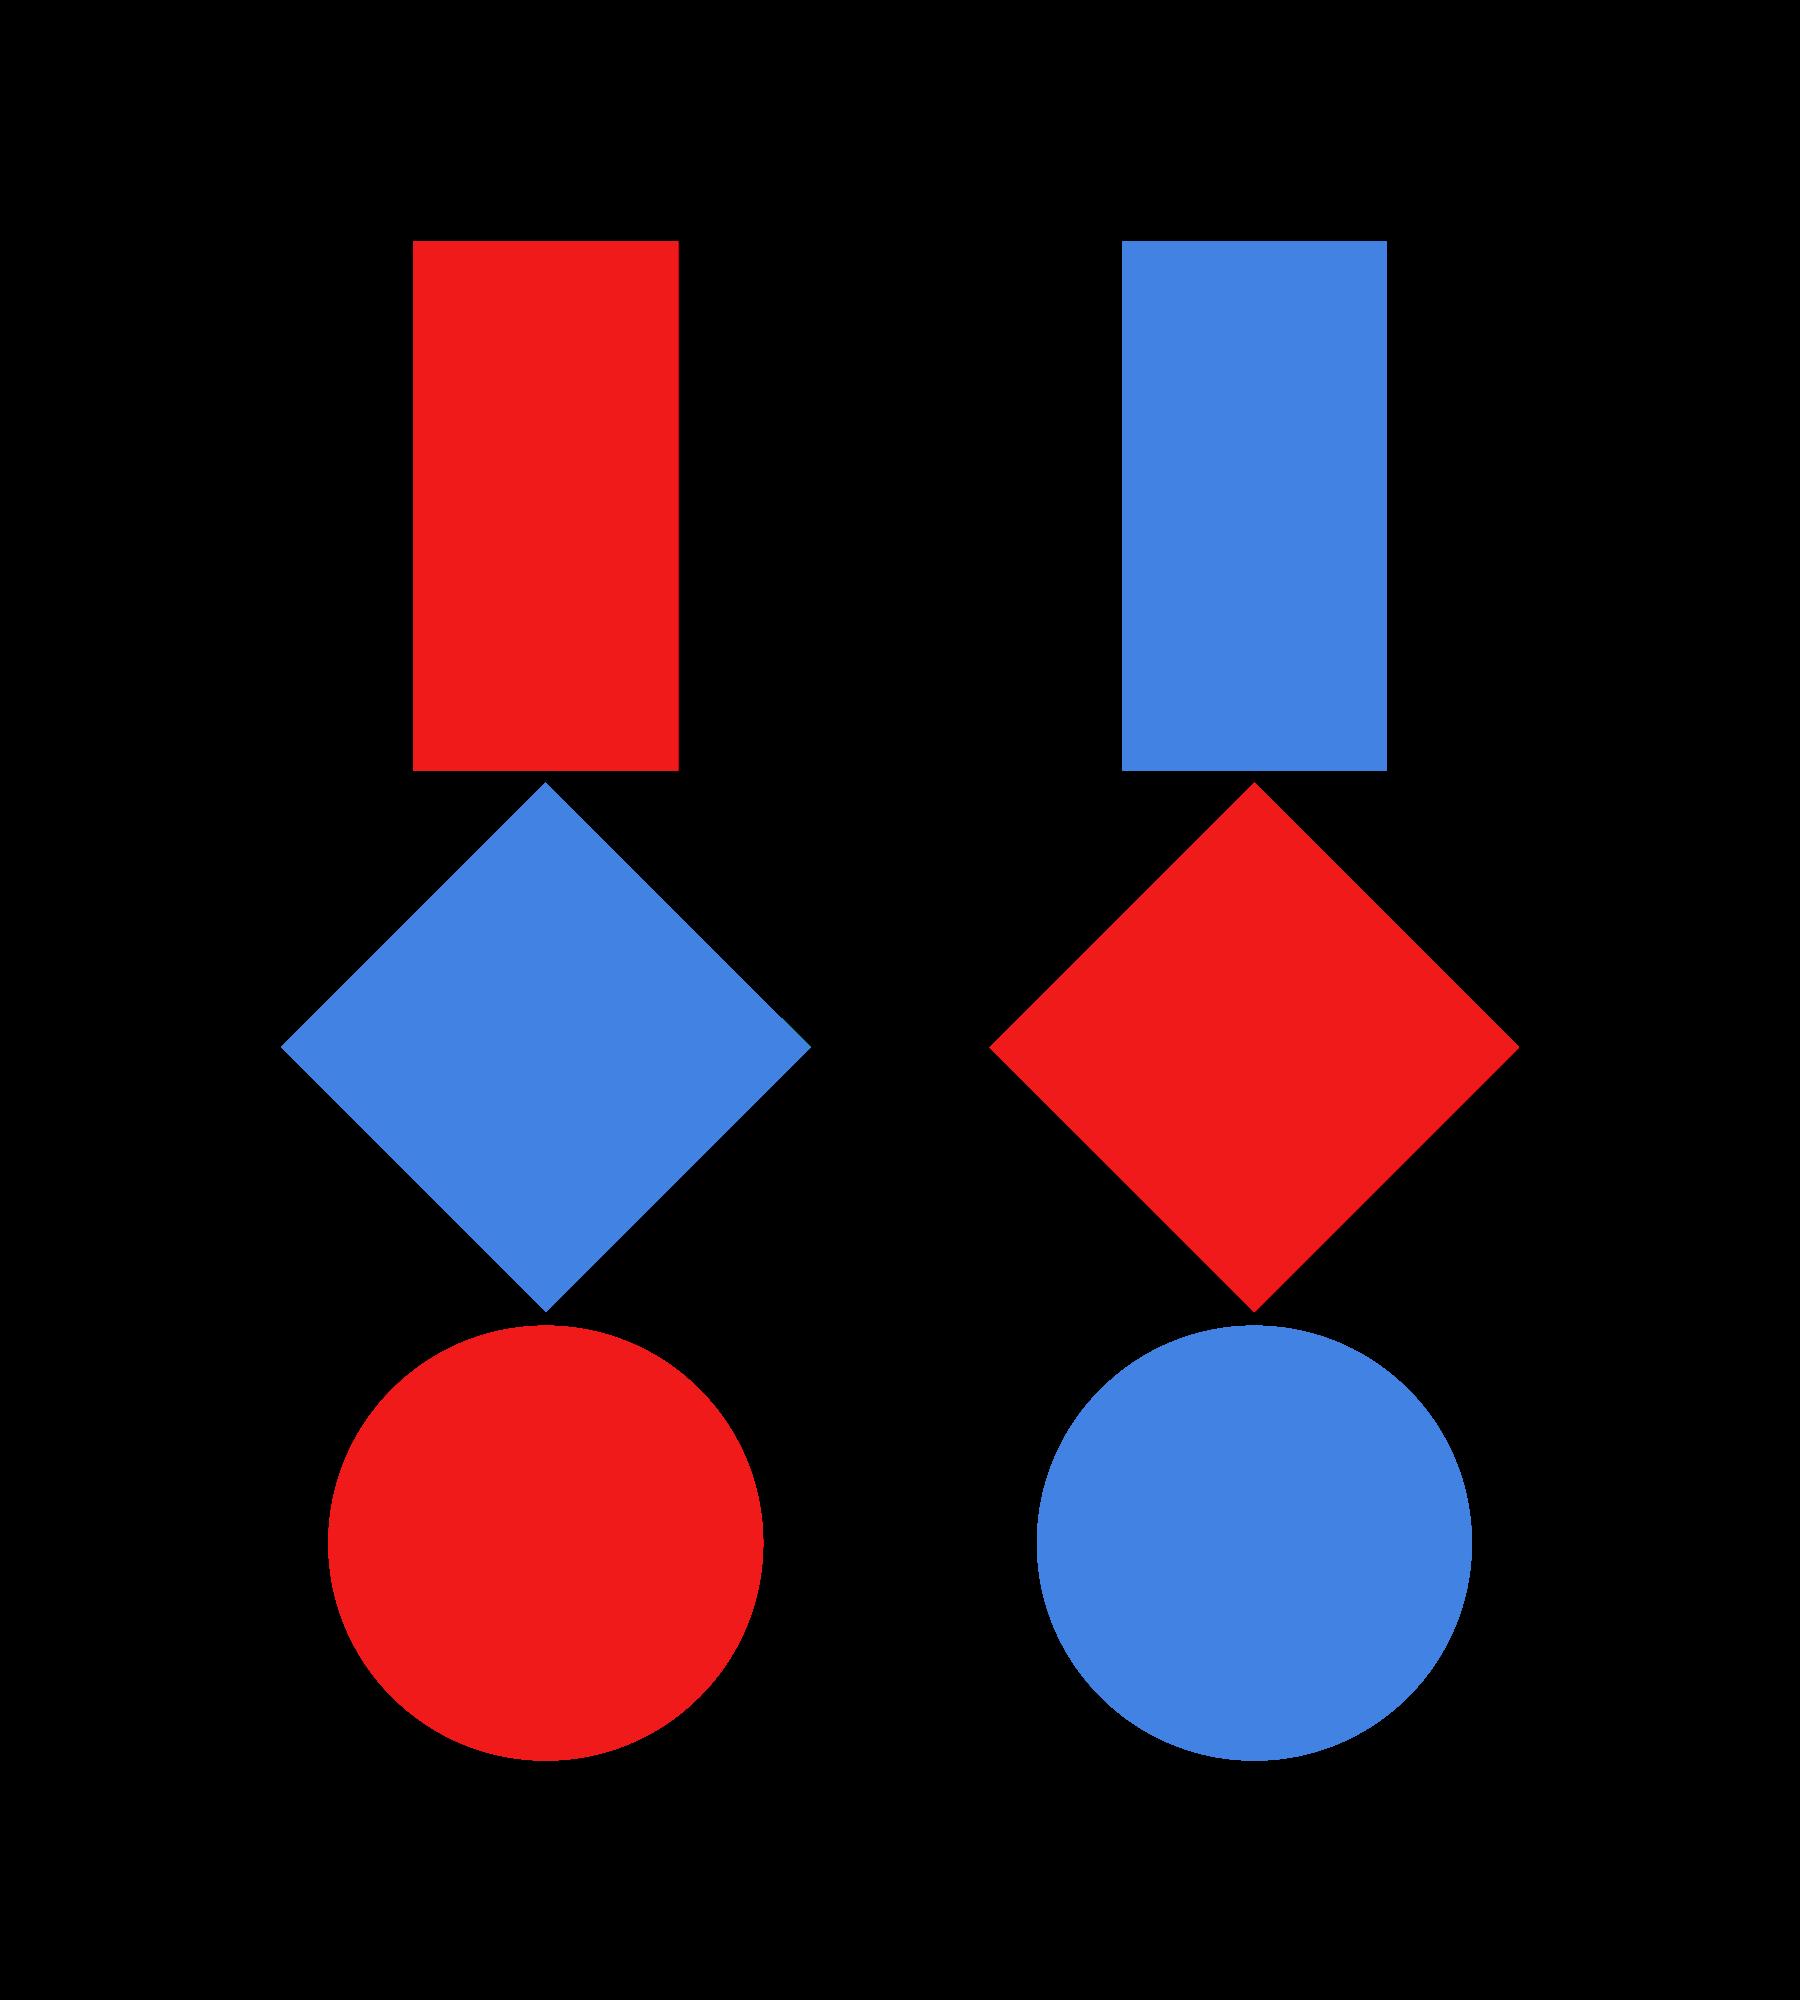 Drei geometrische Figuren · Transparenter Hintergrund